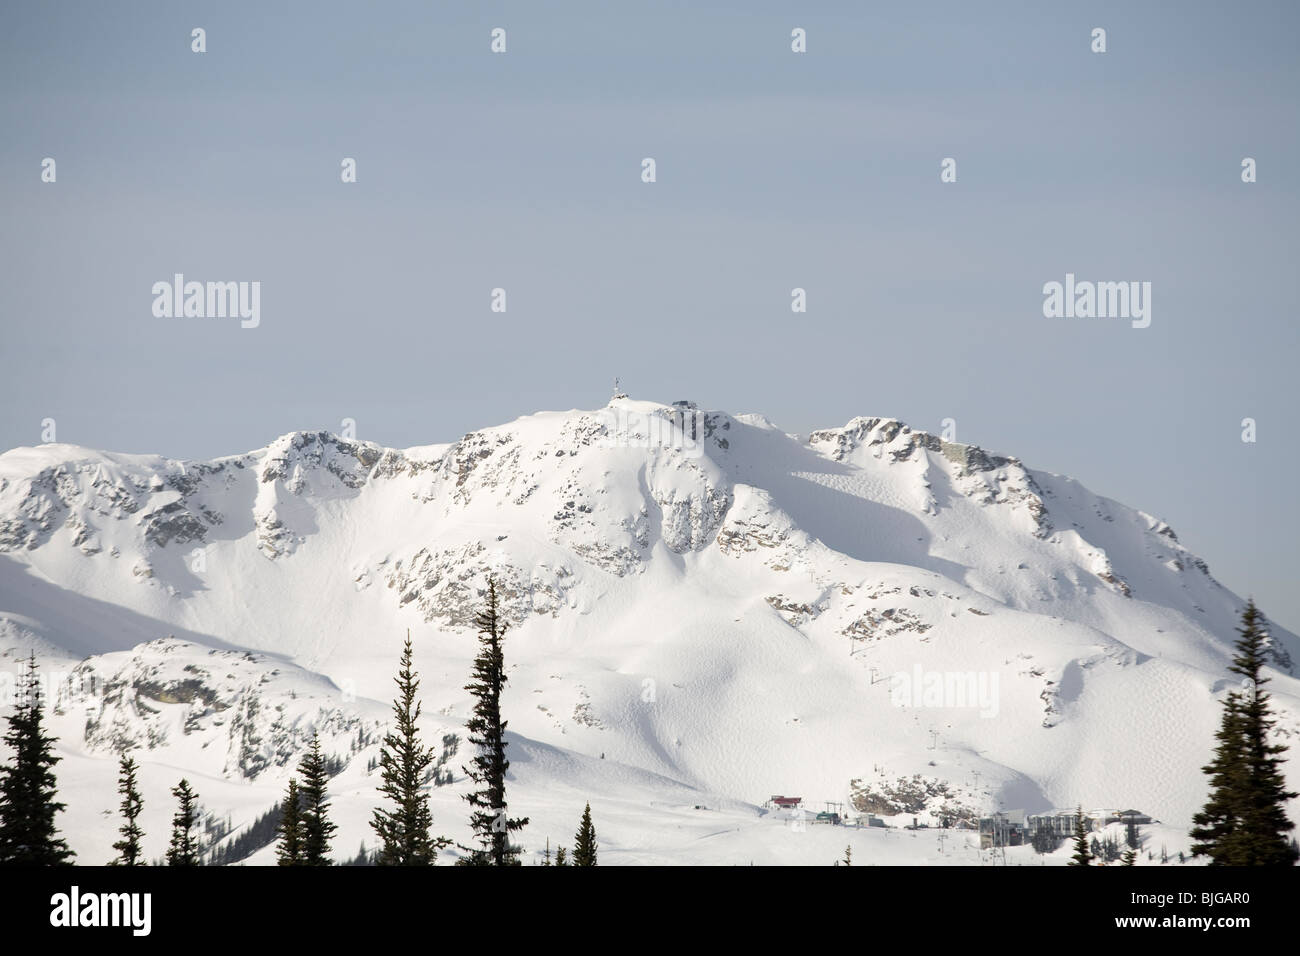 Whistler mountain. - Stock Image